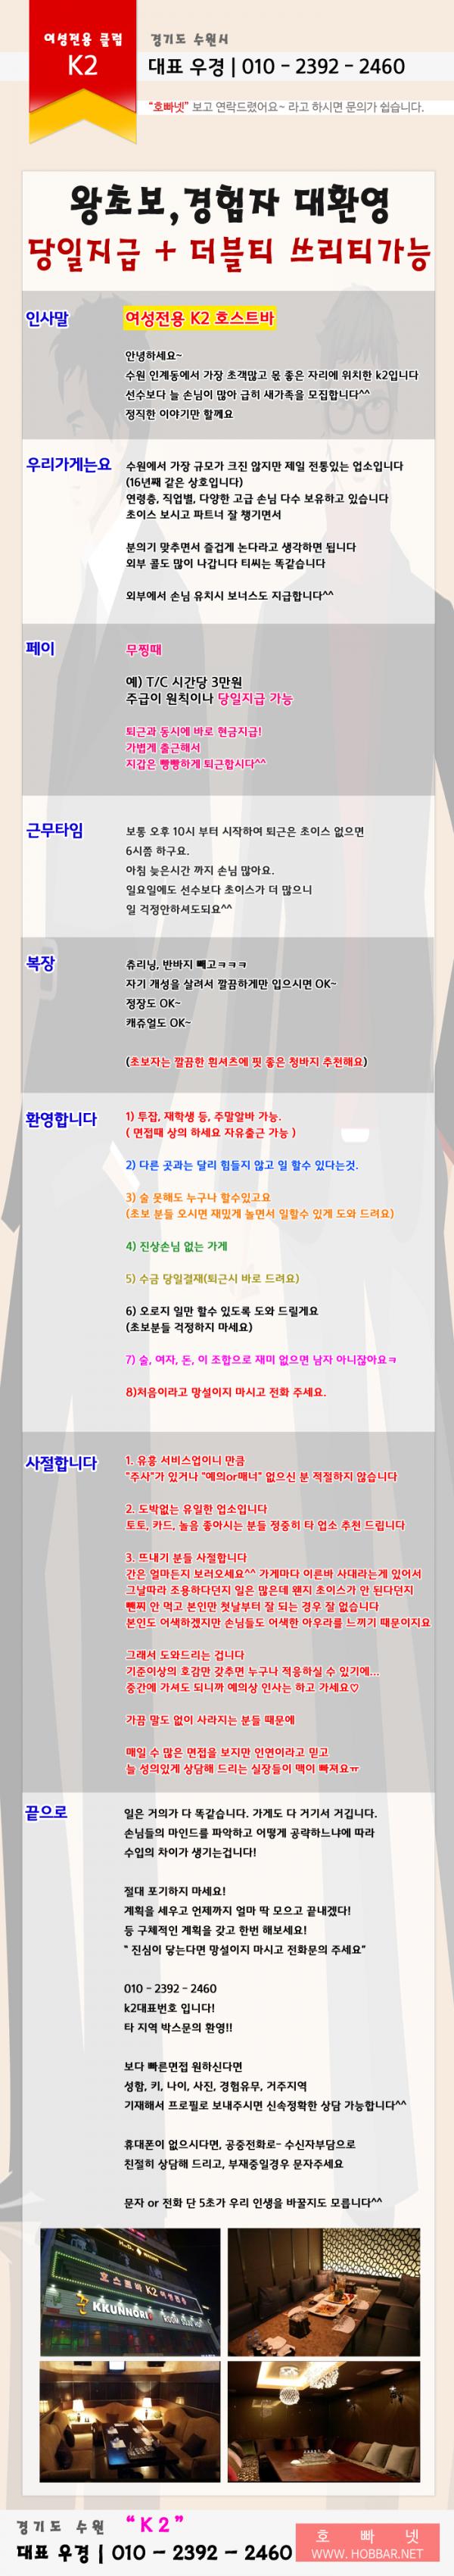 수원k2 수정.png